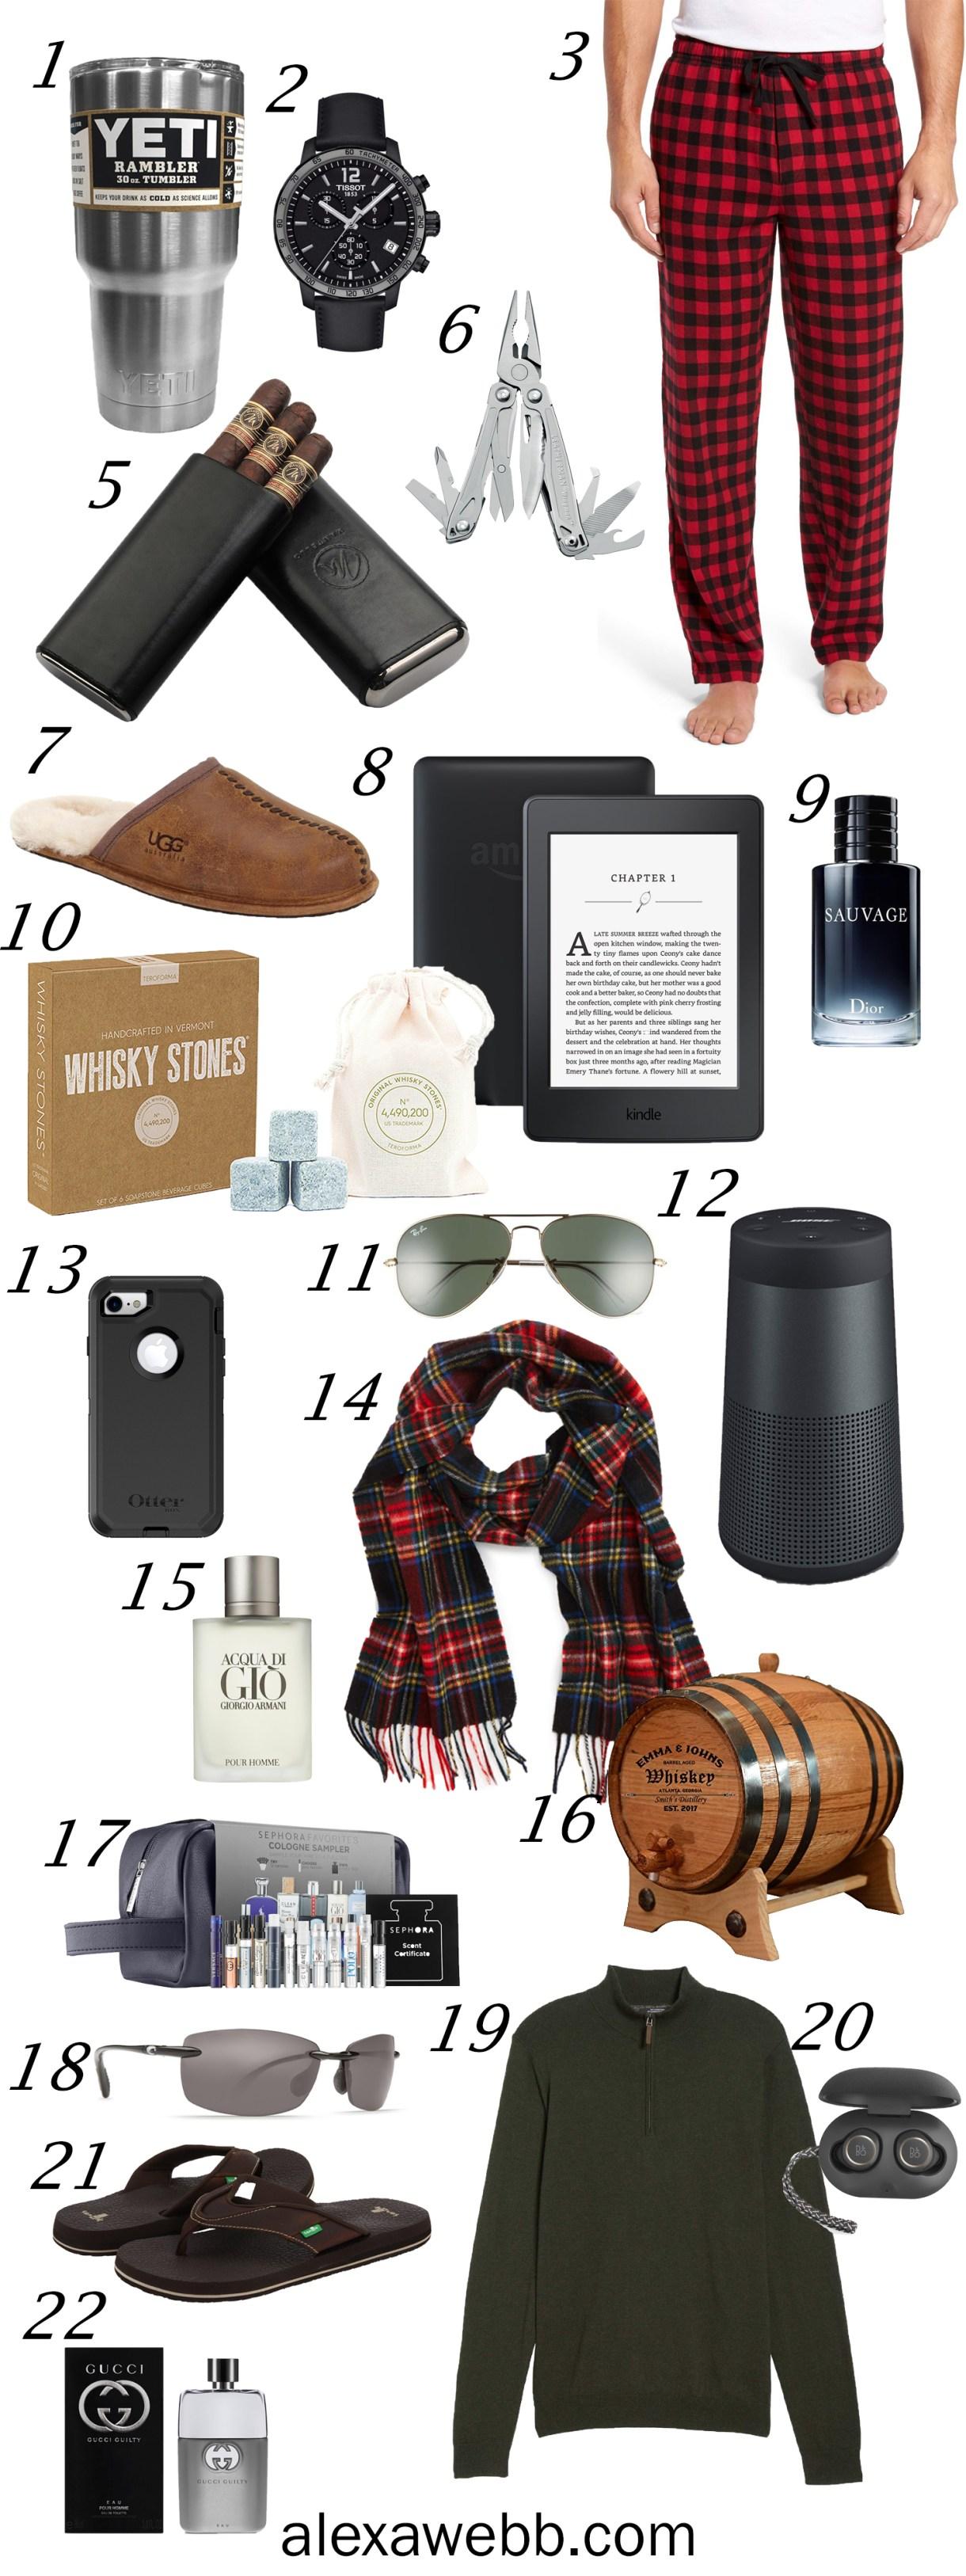 Christmas Gift Ideas for Men - Alexa Webb